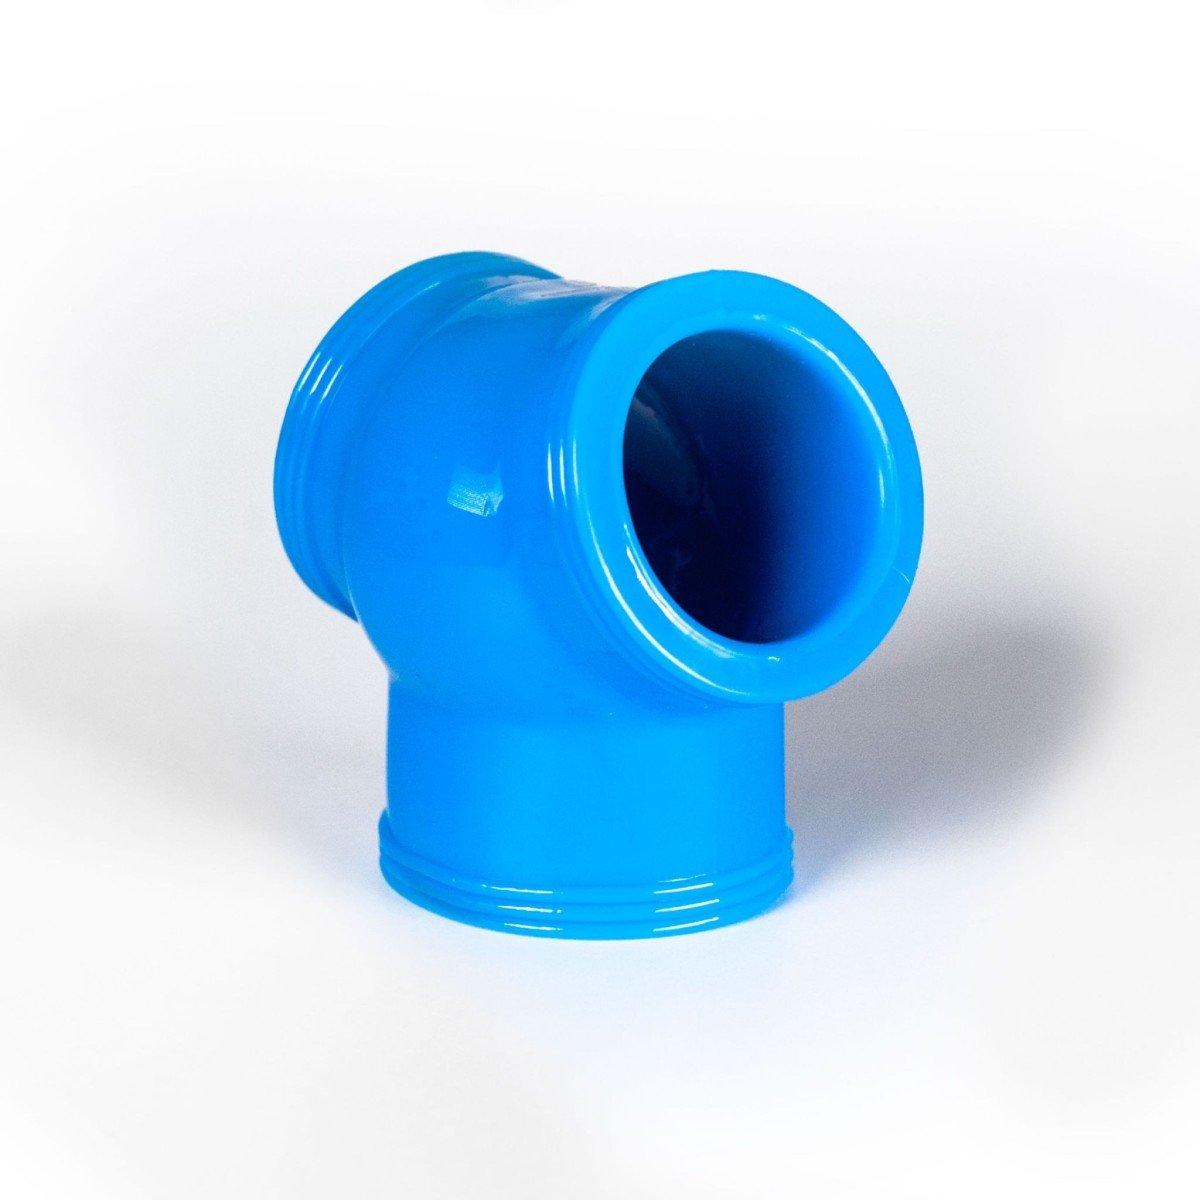 Erekční kroužek a natahovač varlat Zizi Megamen Cocksling modrý